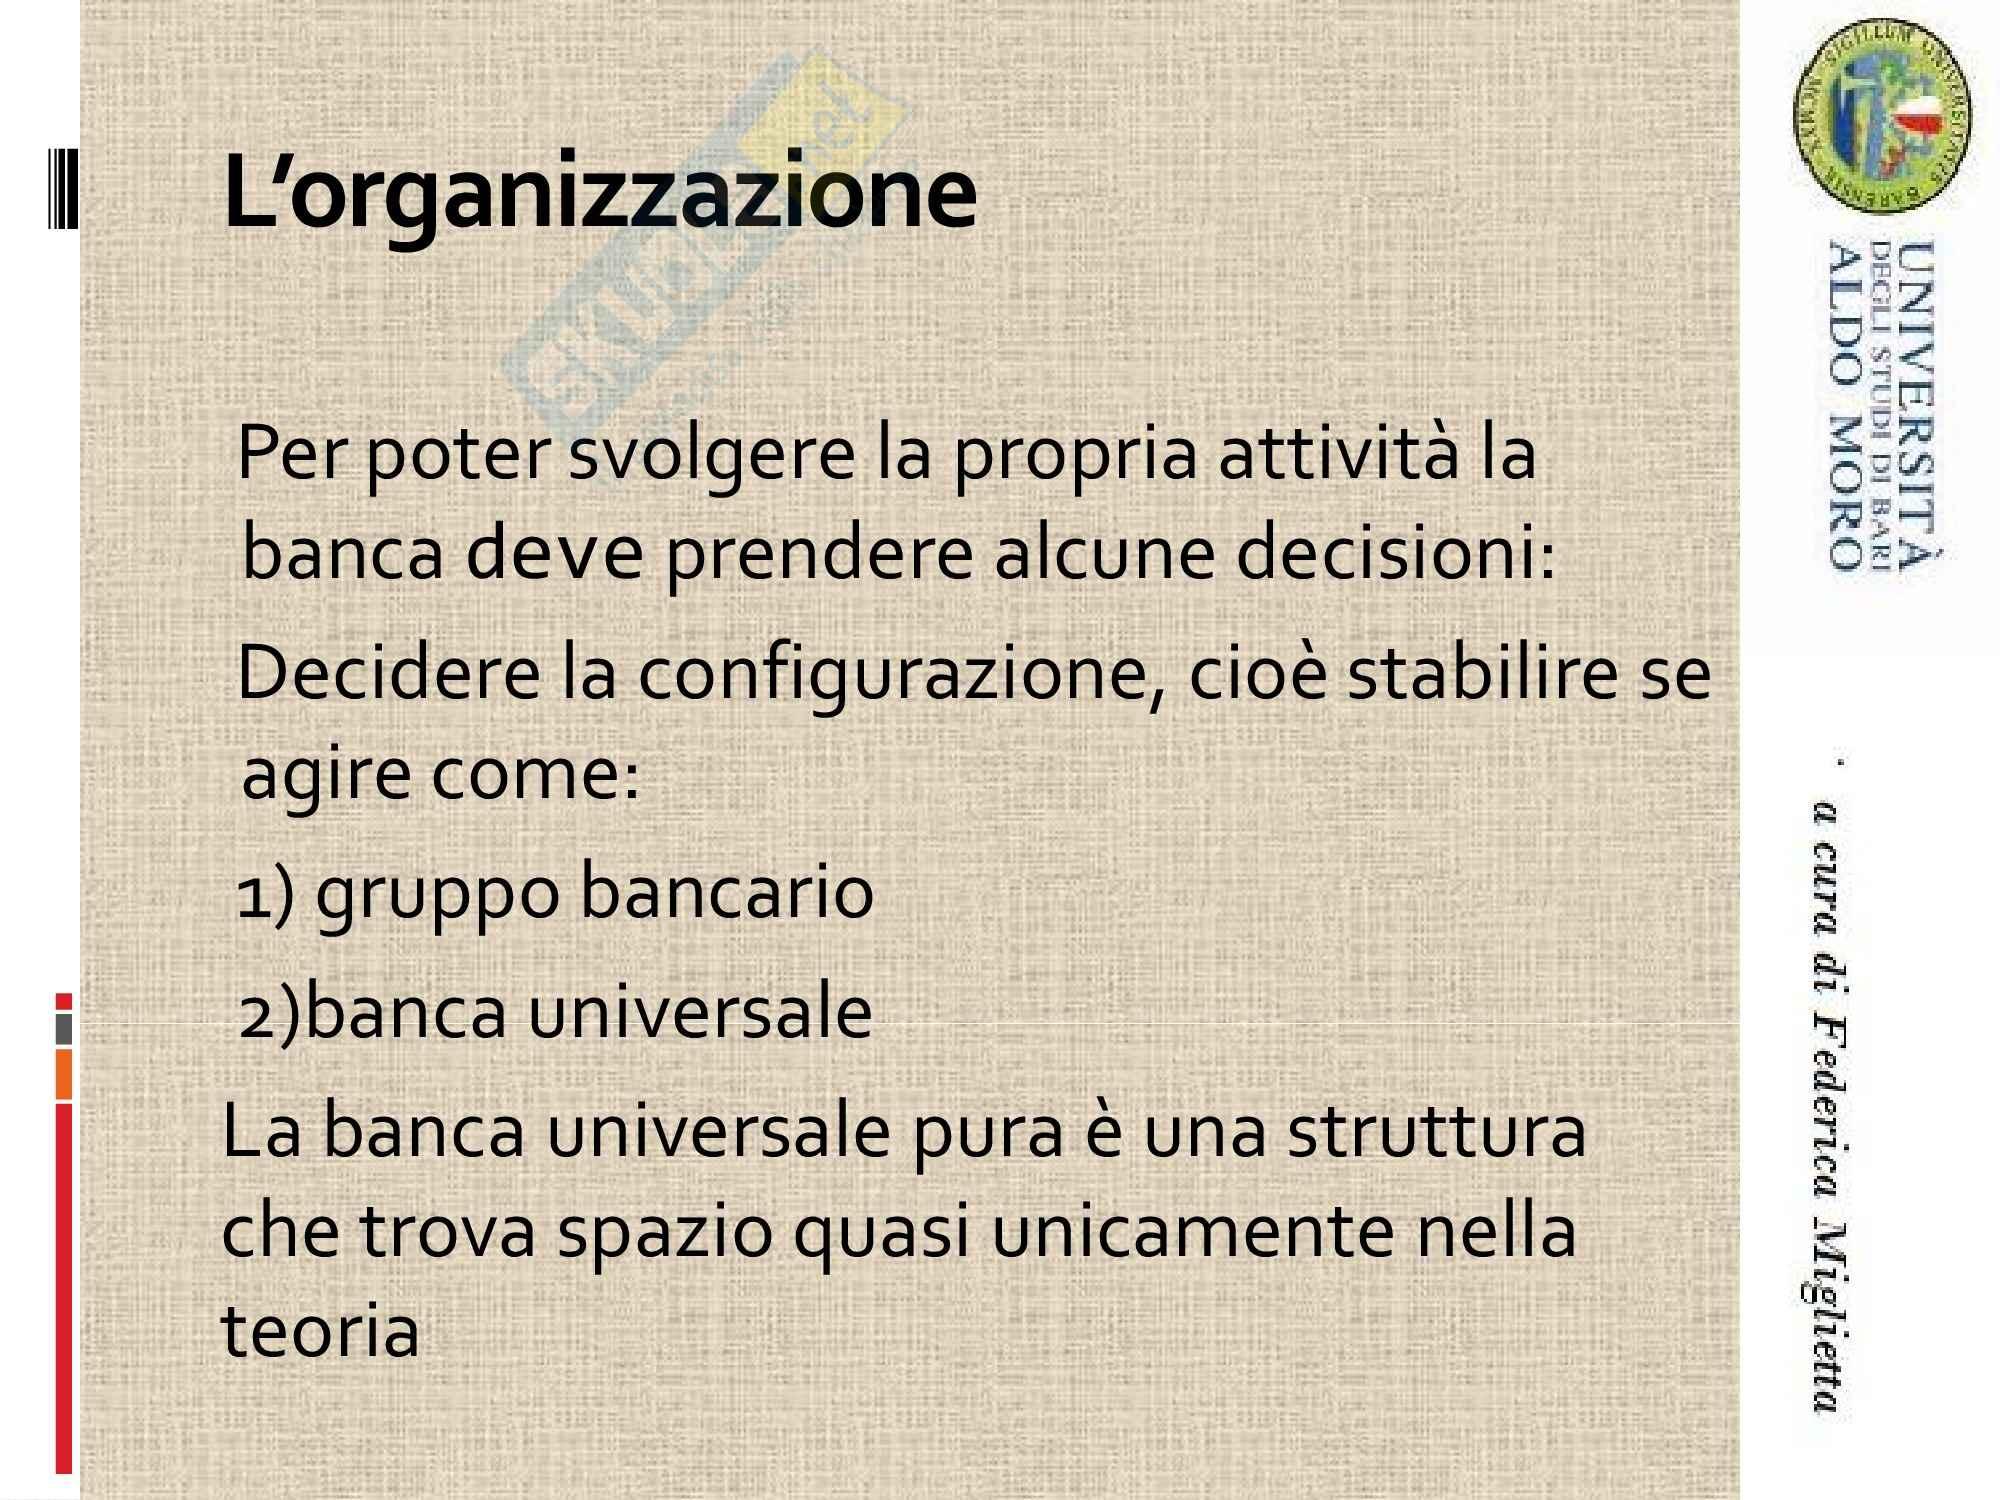 Economia degli intermediari finanziari - attività bancaria Pag. 2